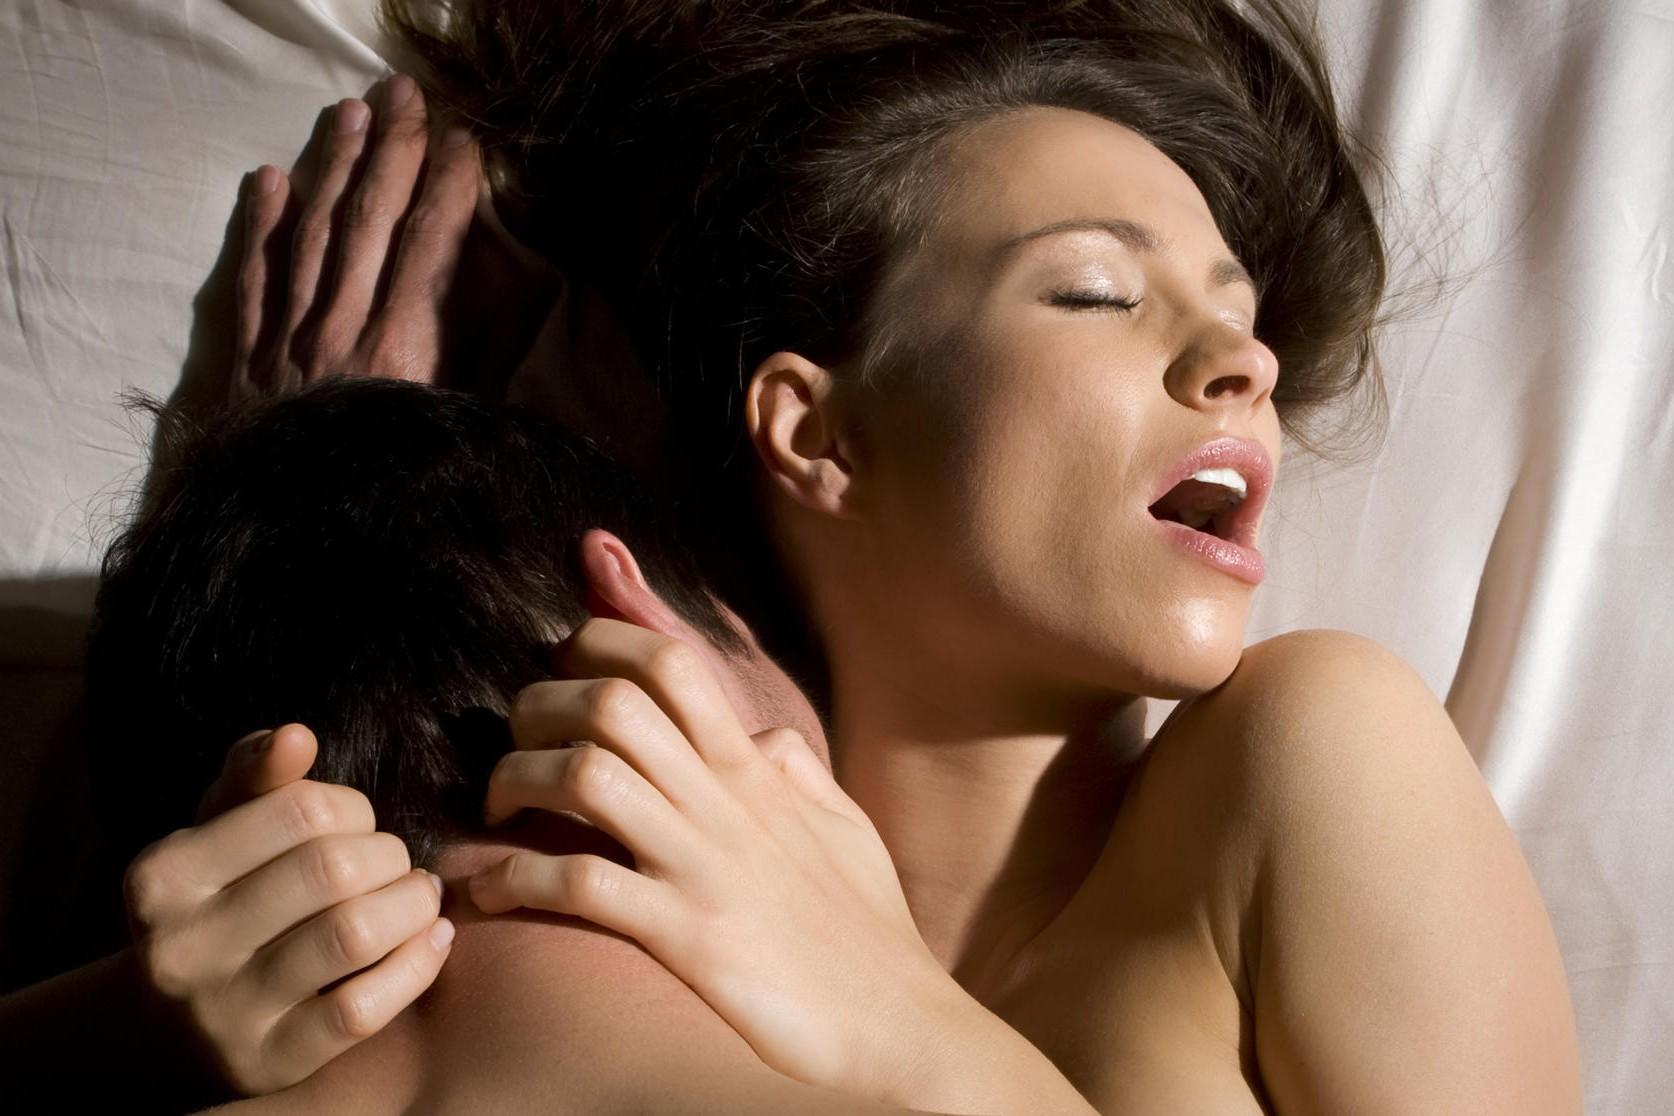 Как быстро доставить женщине оргазм?